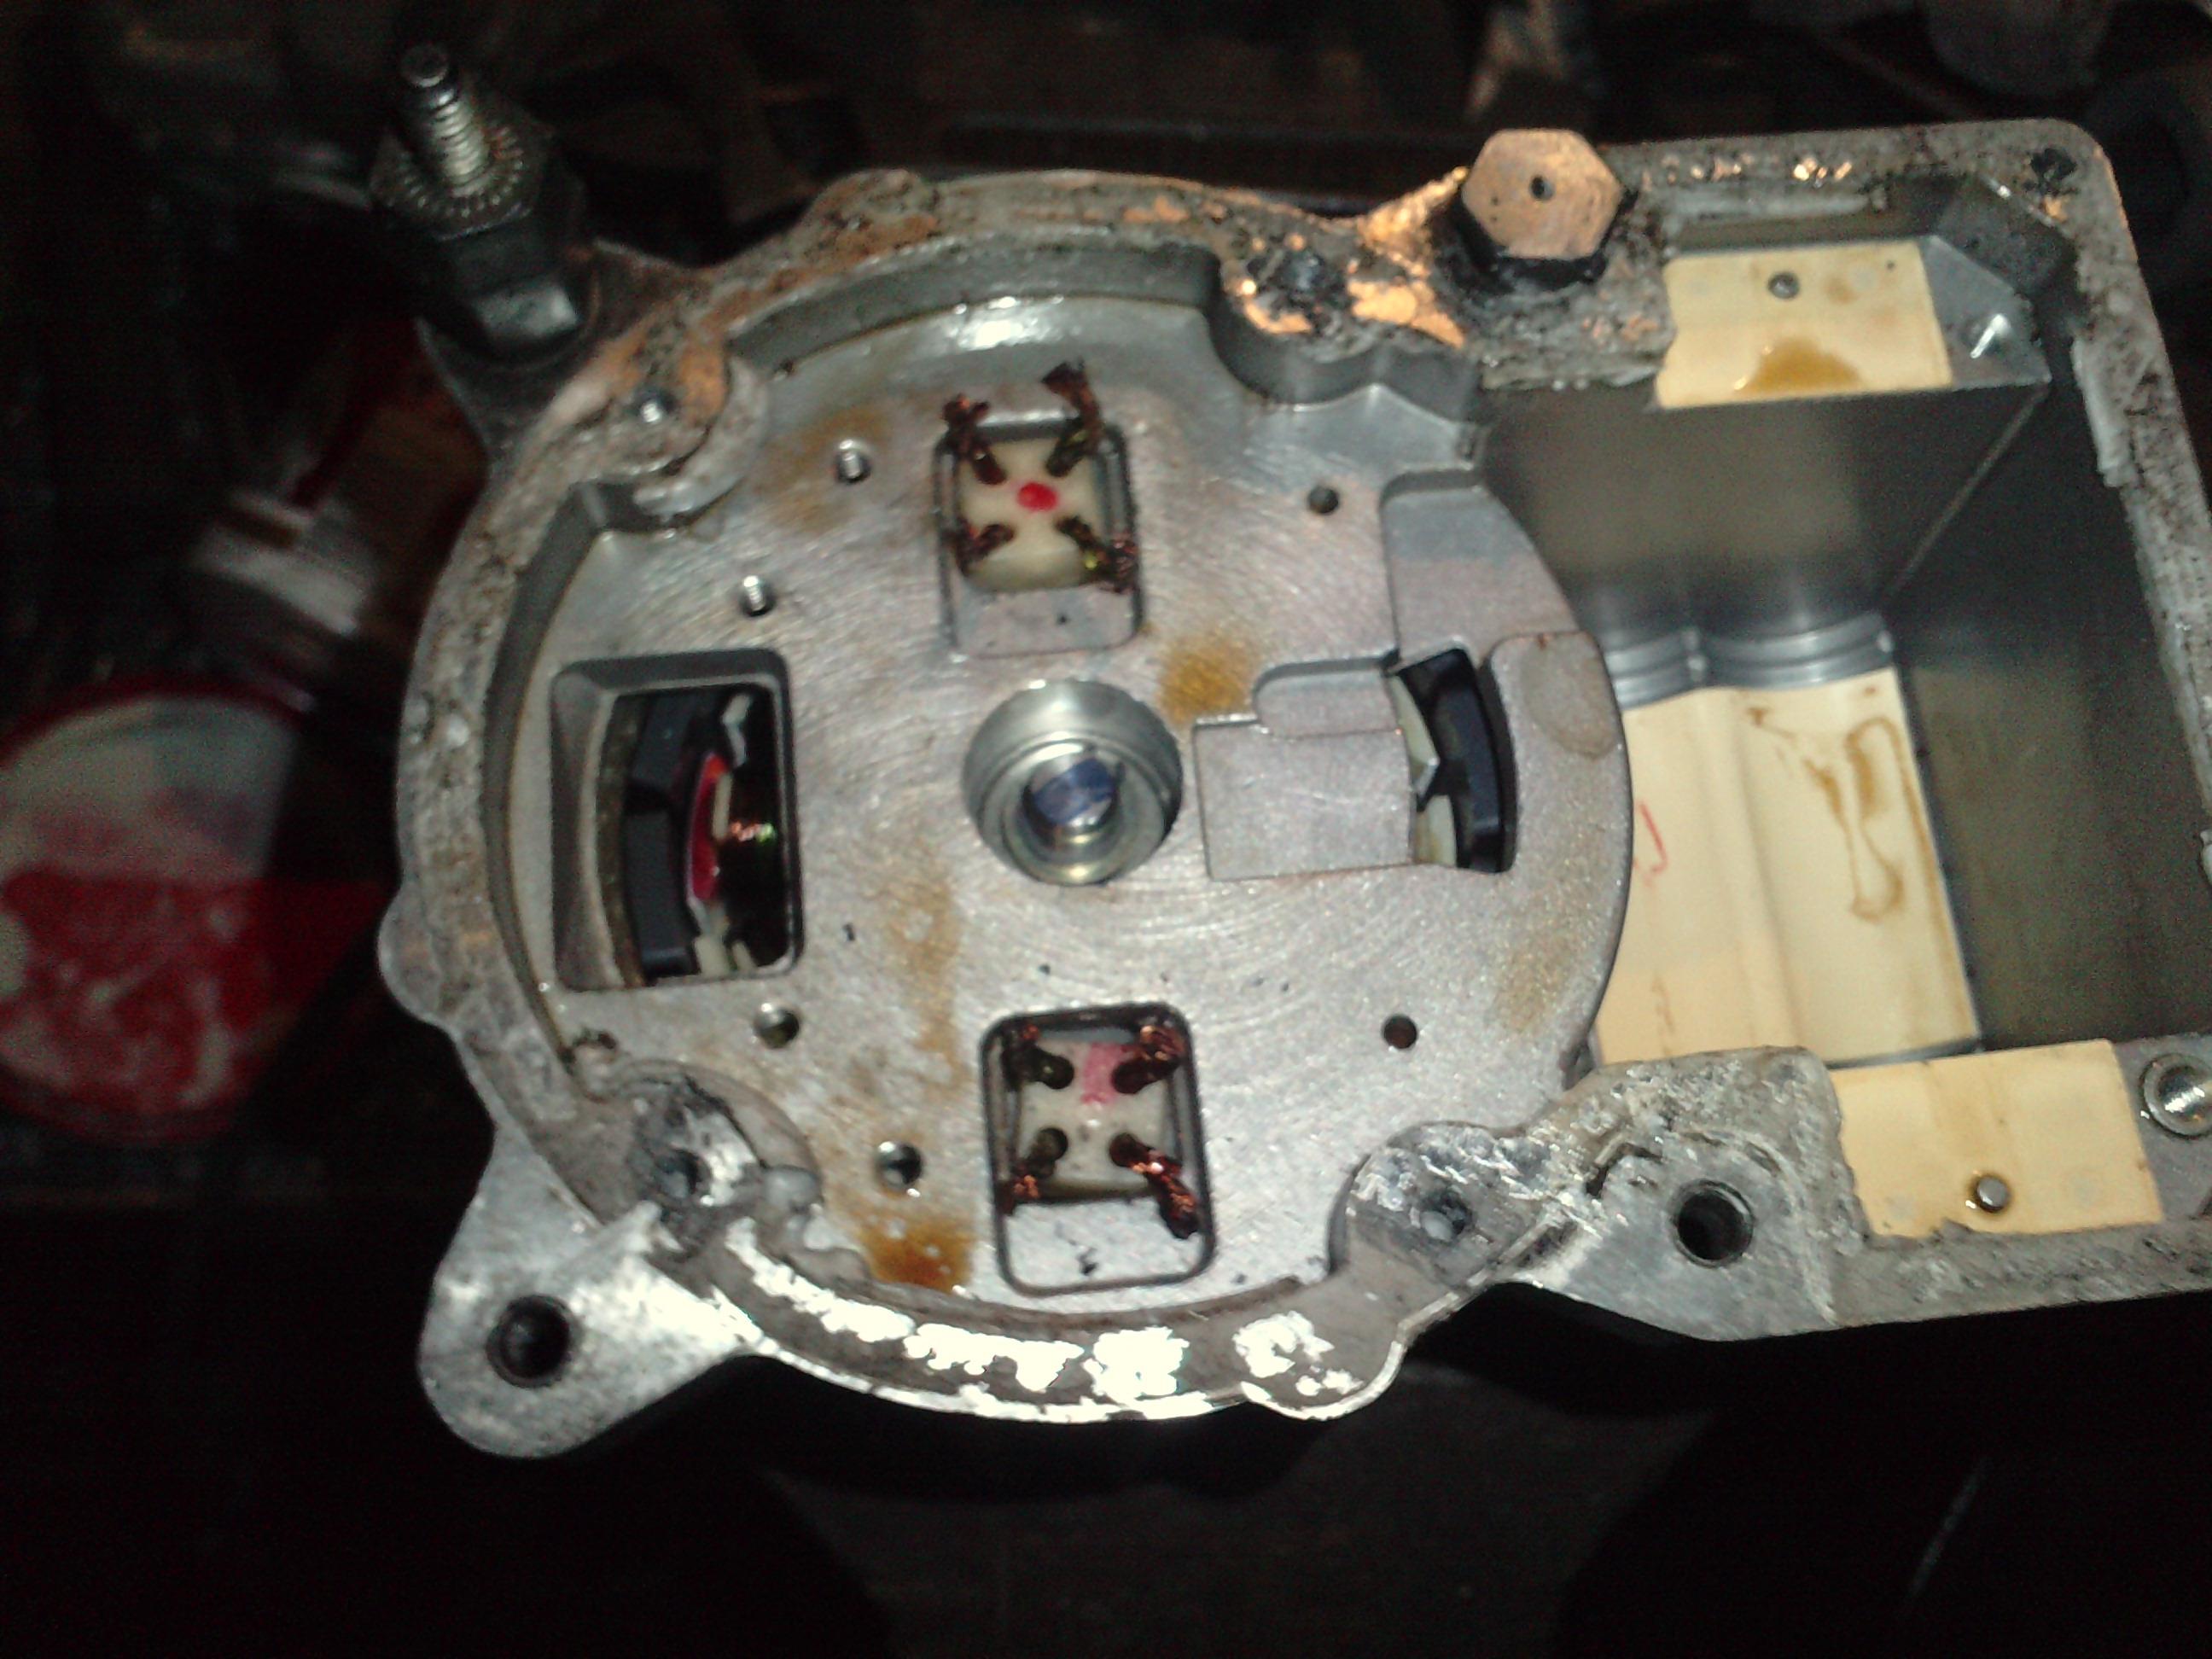 Pr�dnica z silnika bezszczotkowego od wspomagania trw